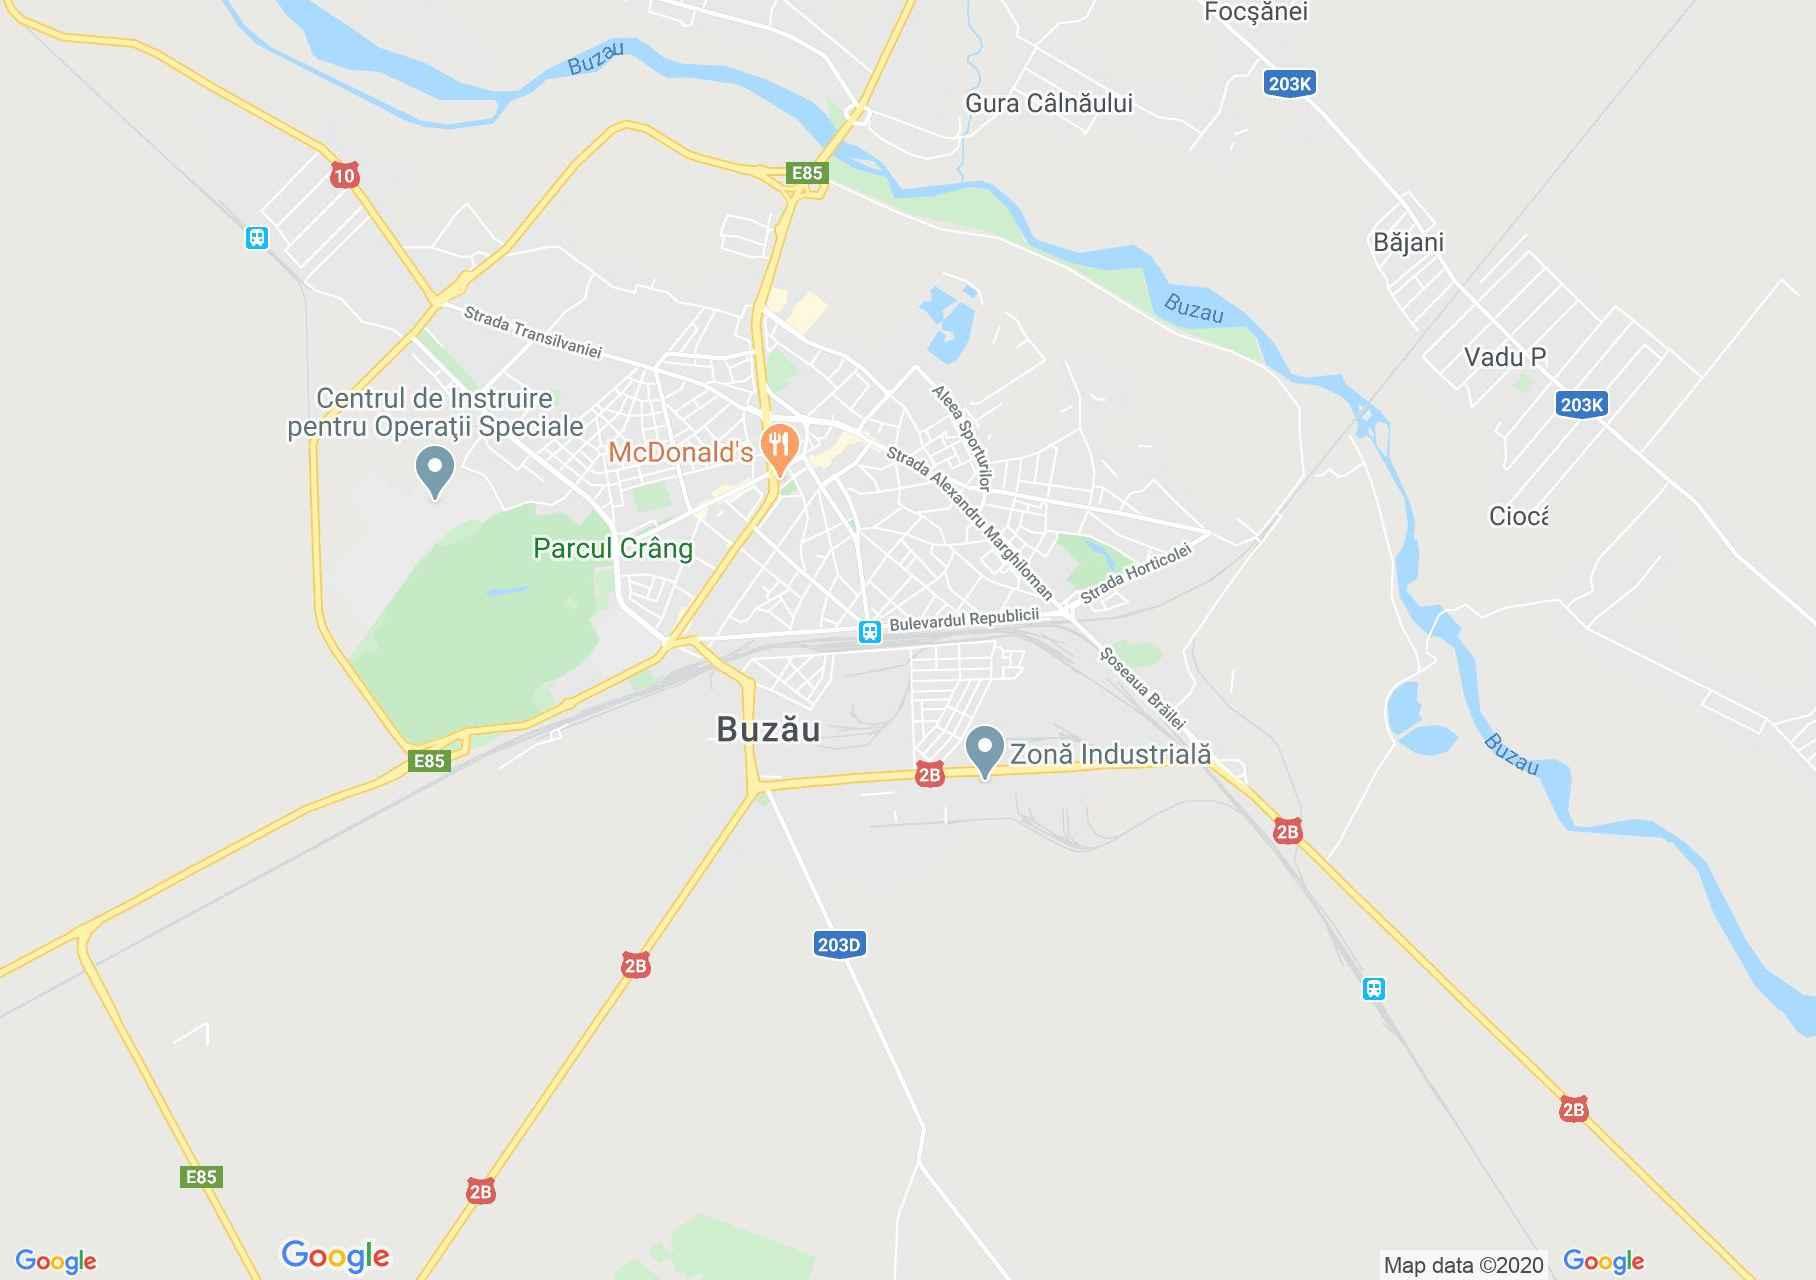 Buzău, Harta turistică interactivă